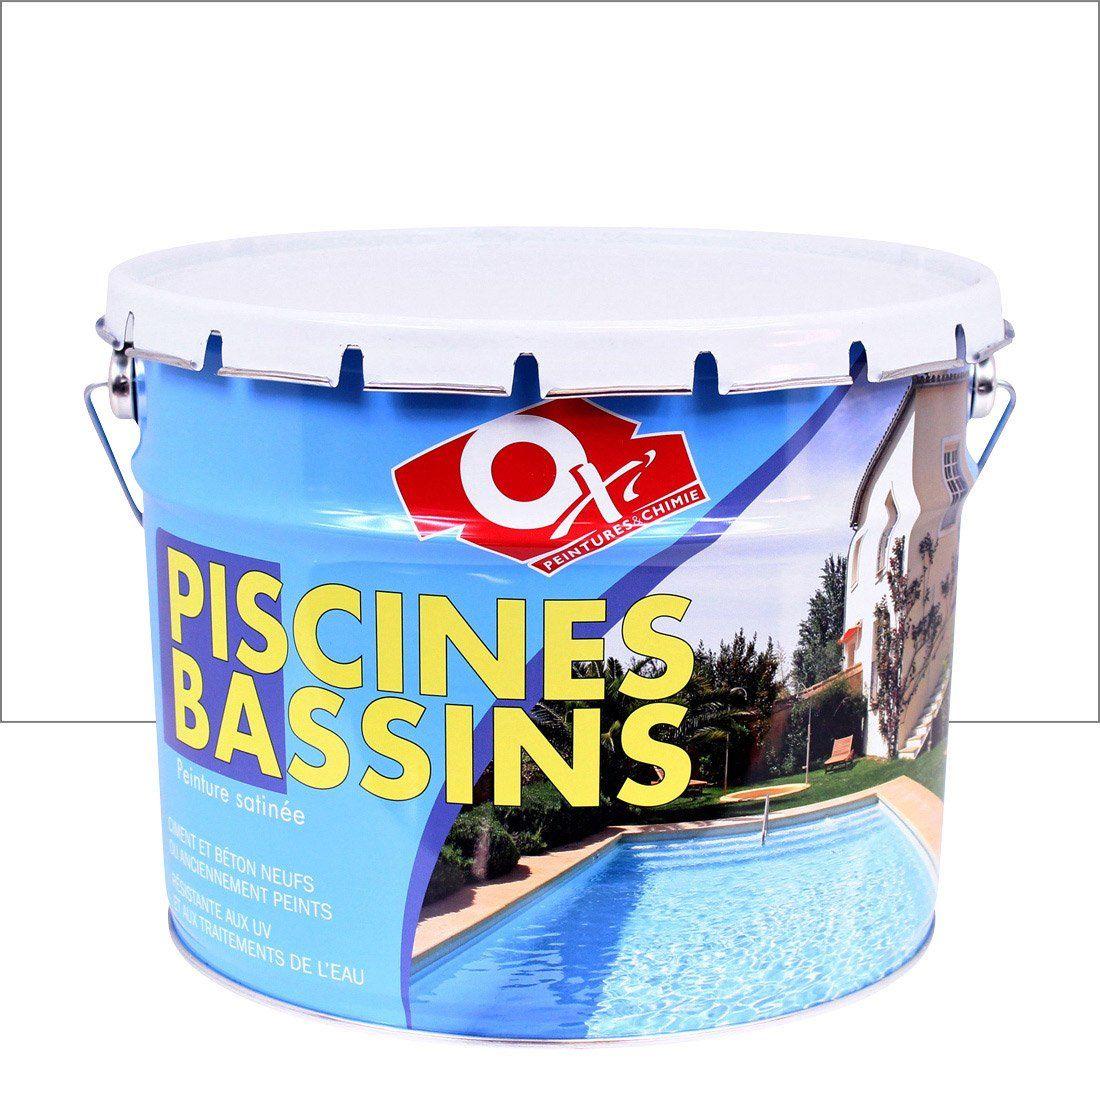 Peinture Piscine Et Bassin Exterieur Oxytol Blanc 10 L Avec Images Peinture Piscine Bassin Exterieur Bassin